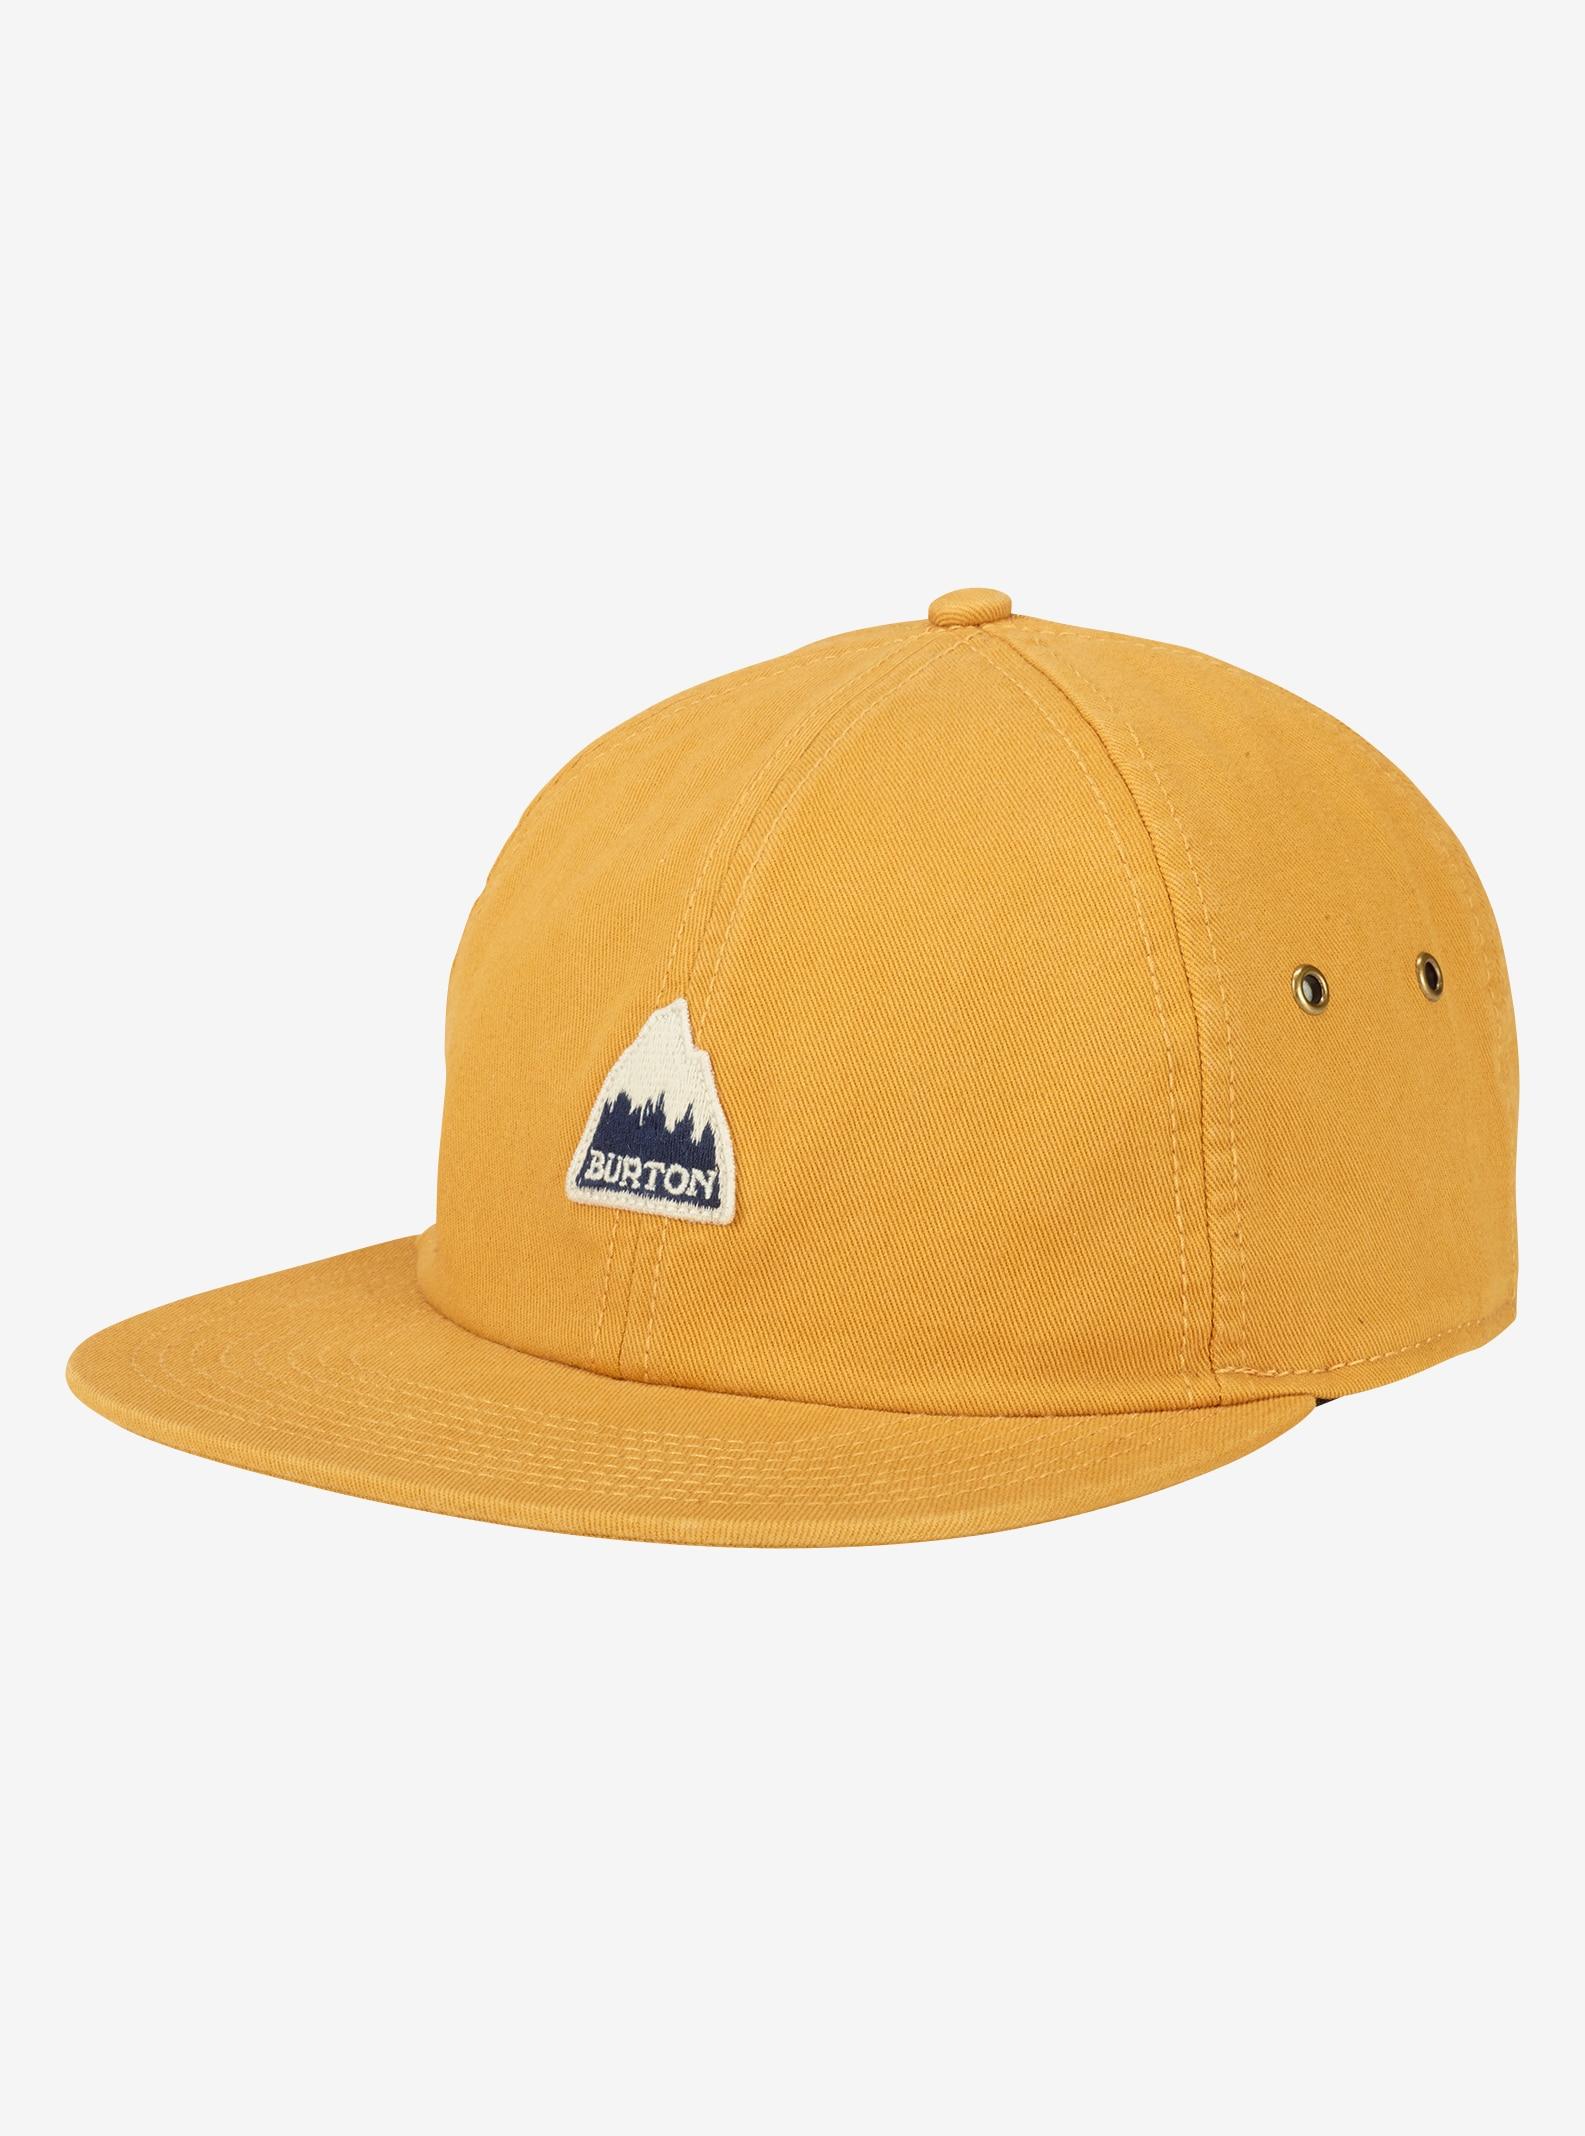 Men's Burton Rad Dad Hat shown in Harvest Gold